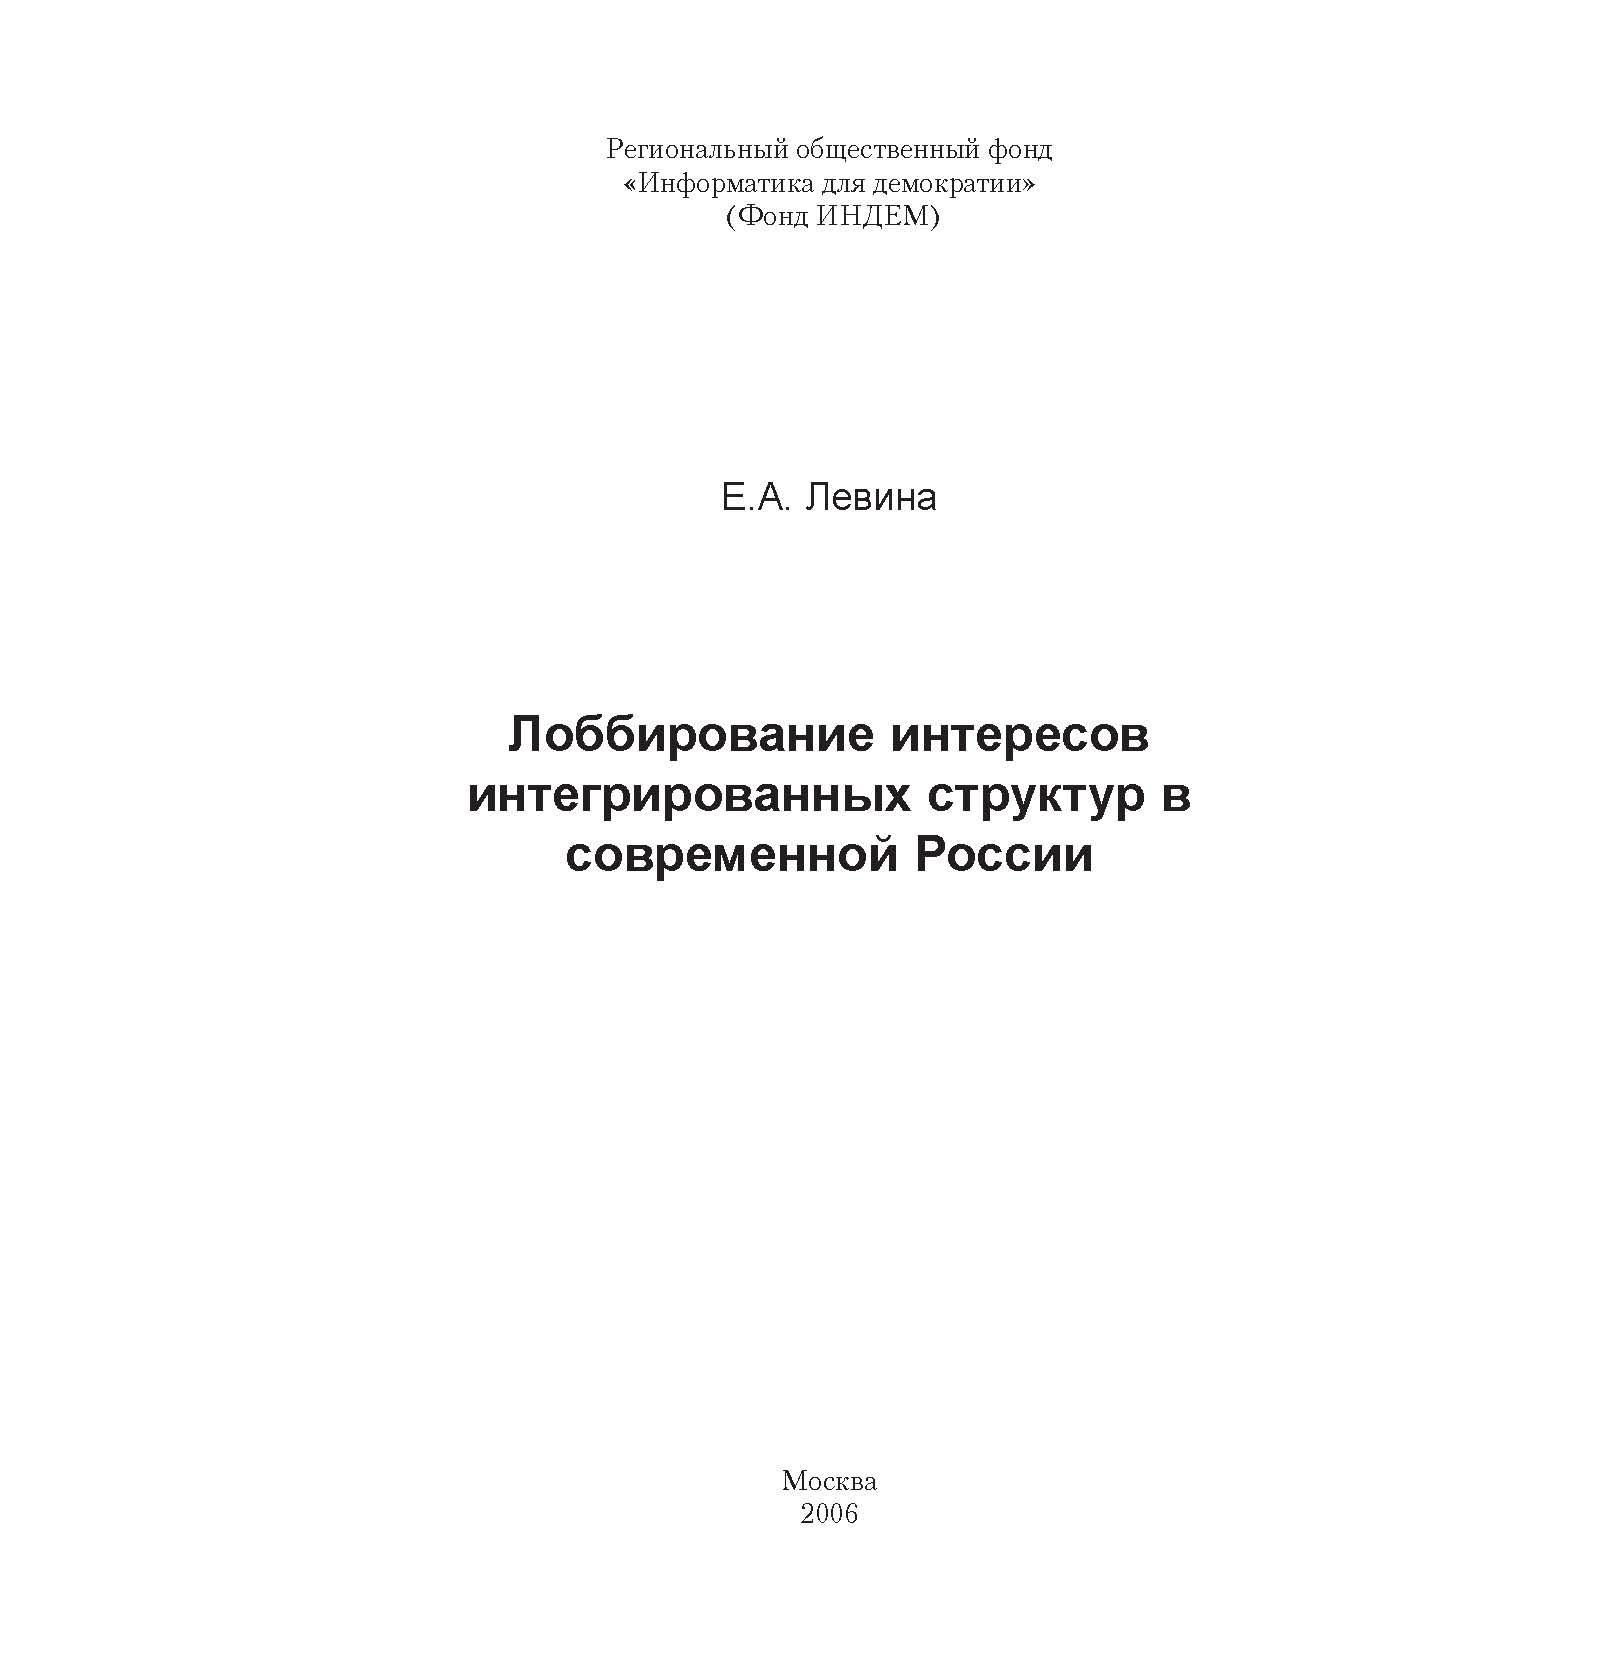 Лоббирование интересов интегрированных структур в современной России